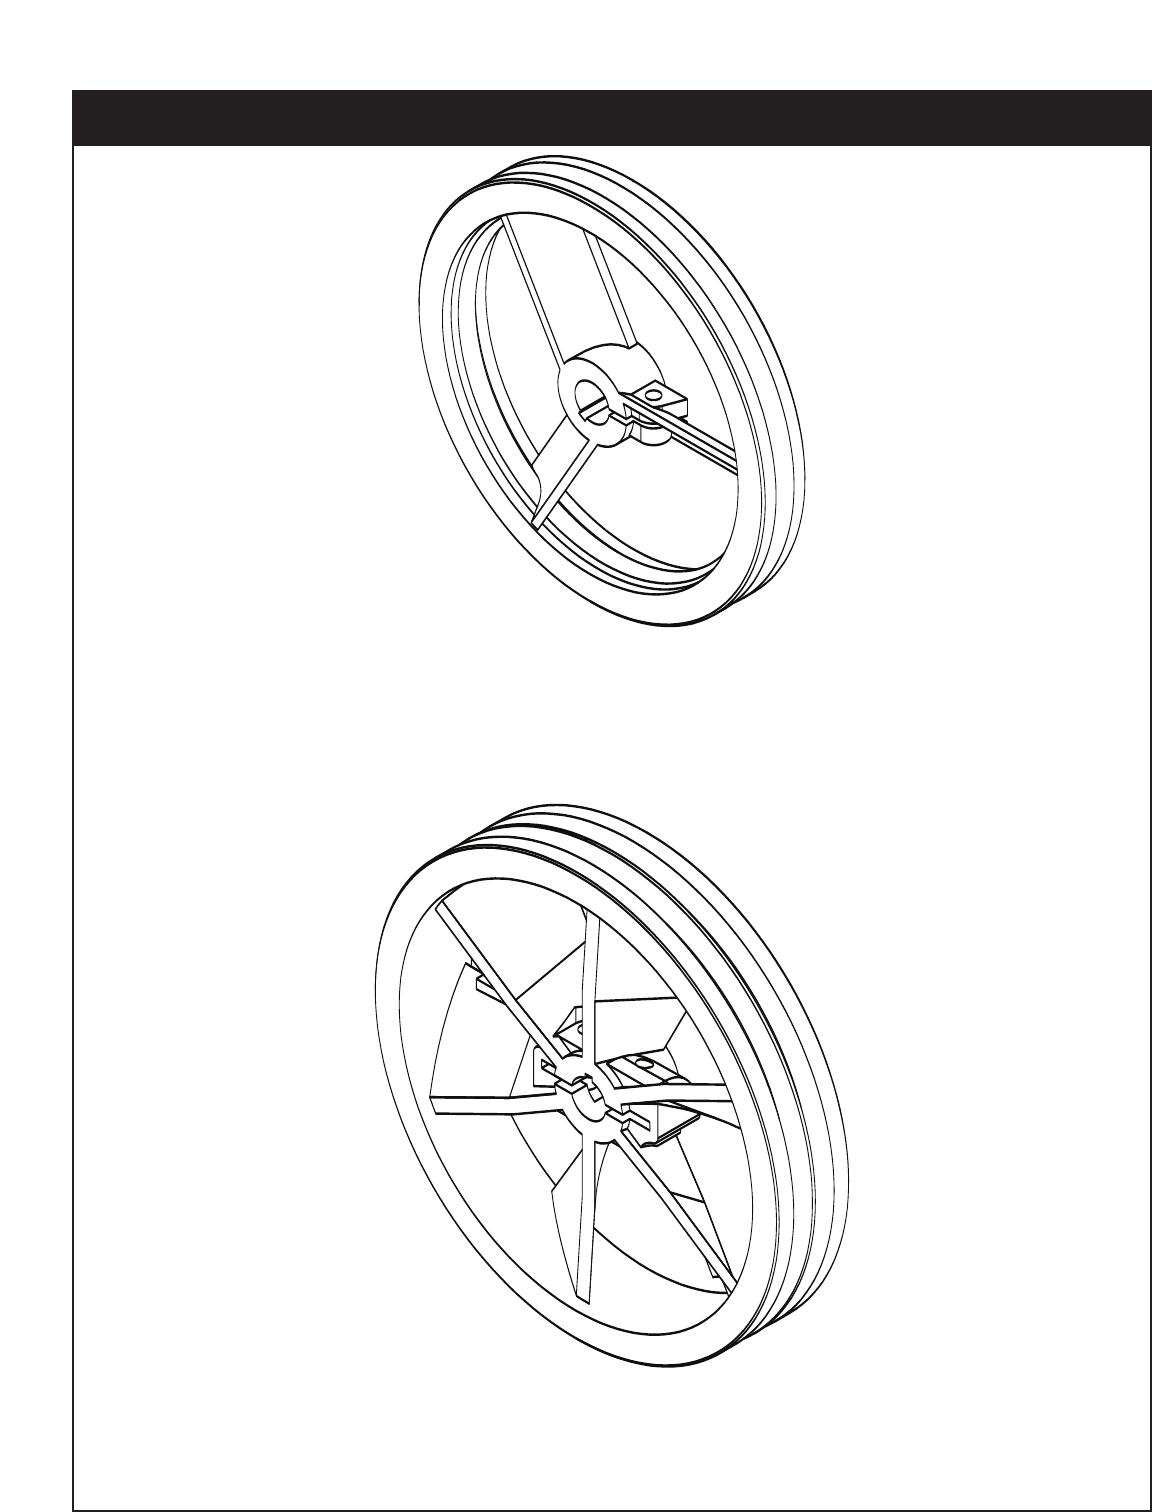 Stellar Industries Compressor Shd 60 Users Manual